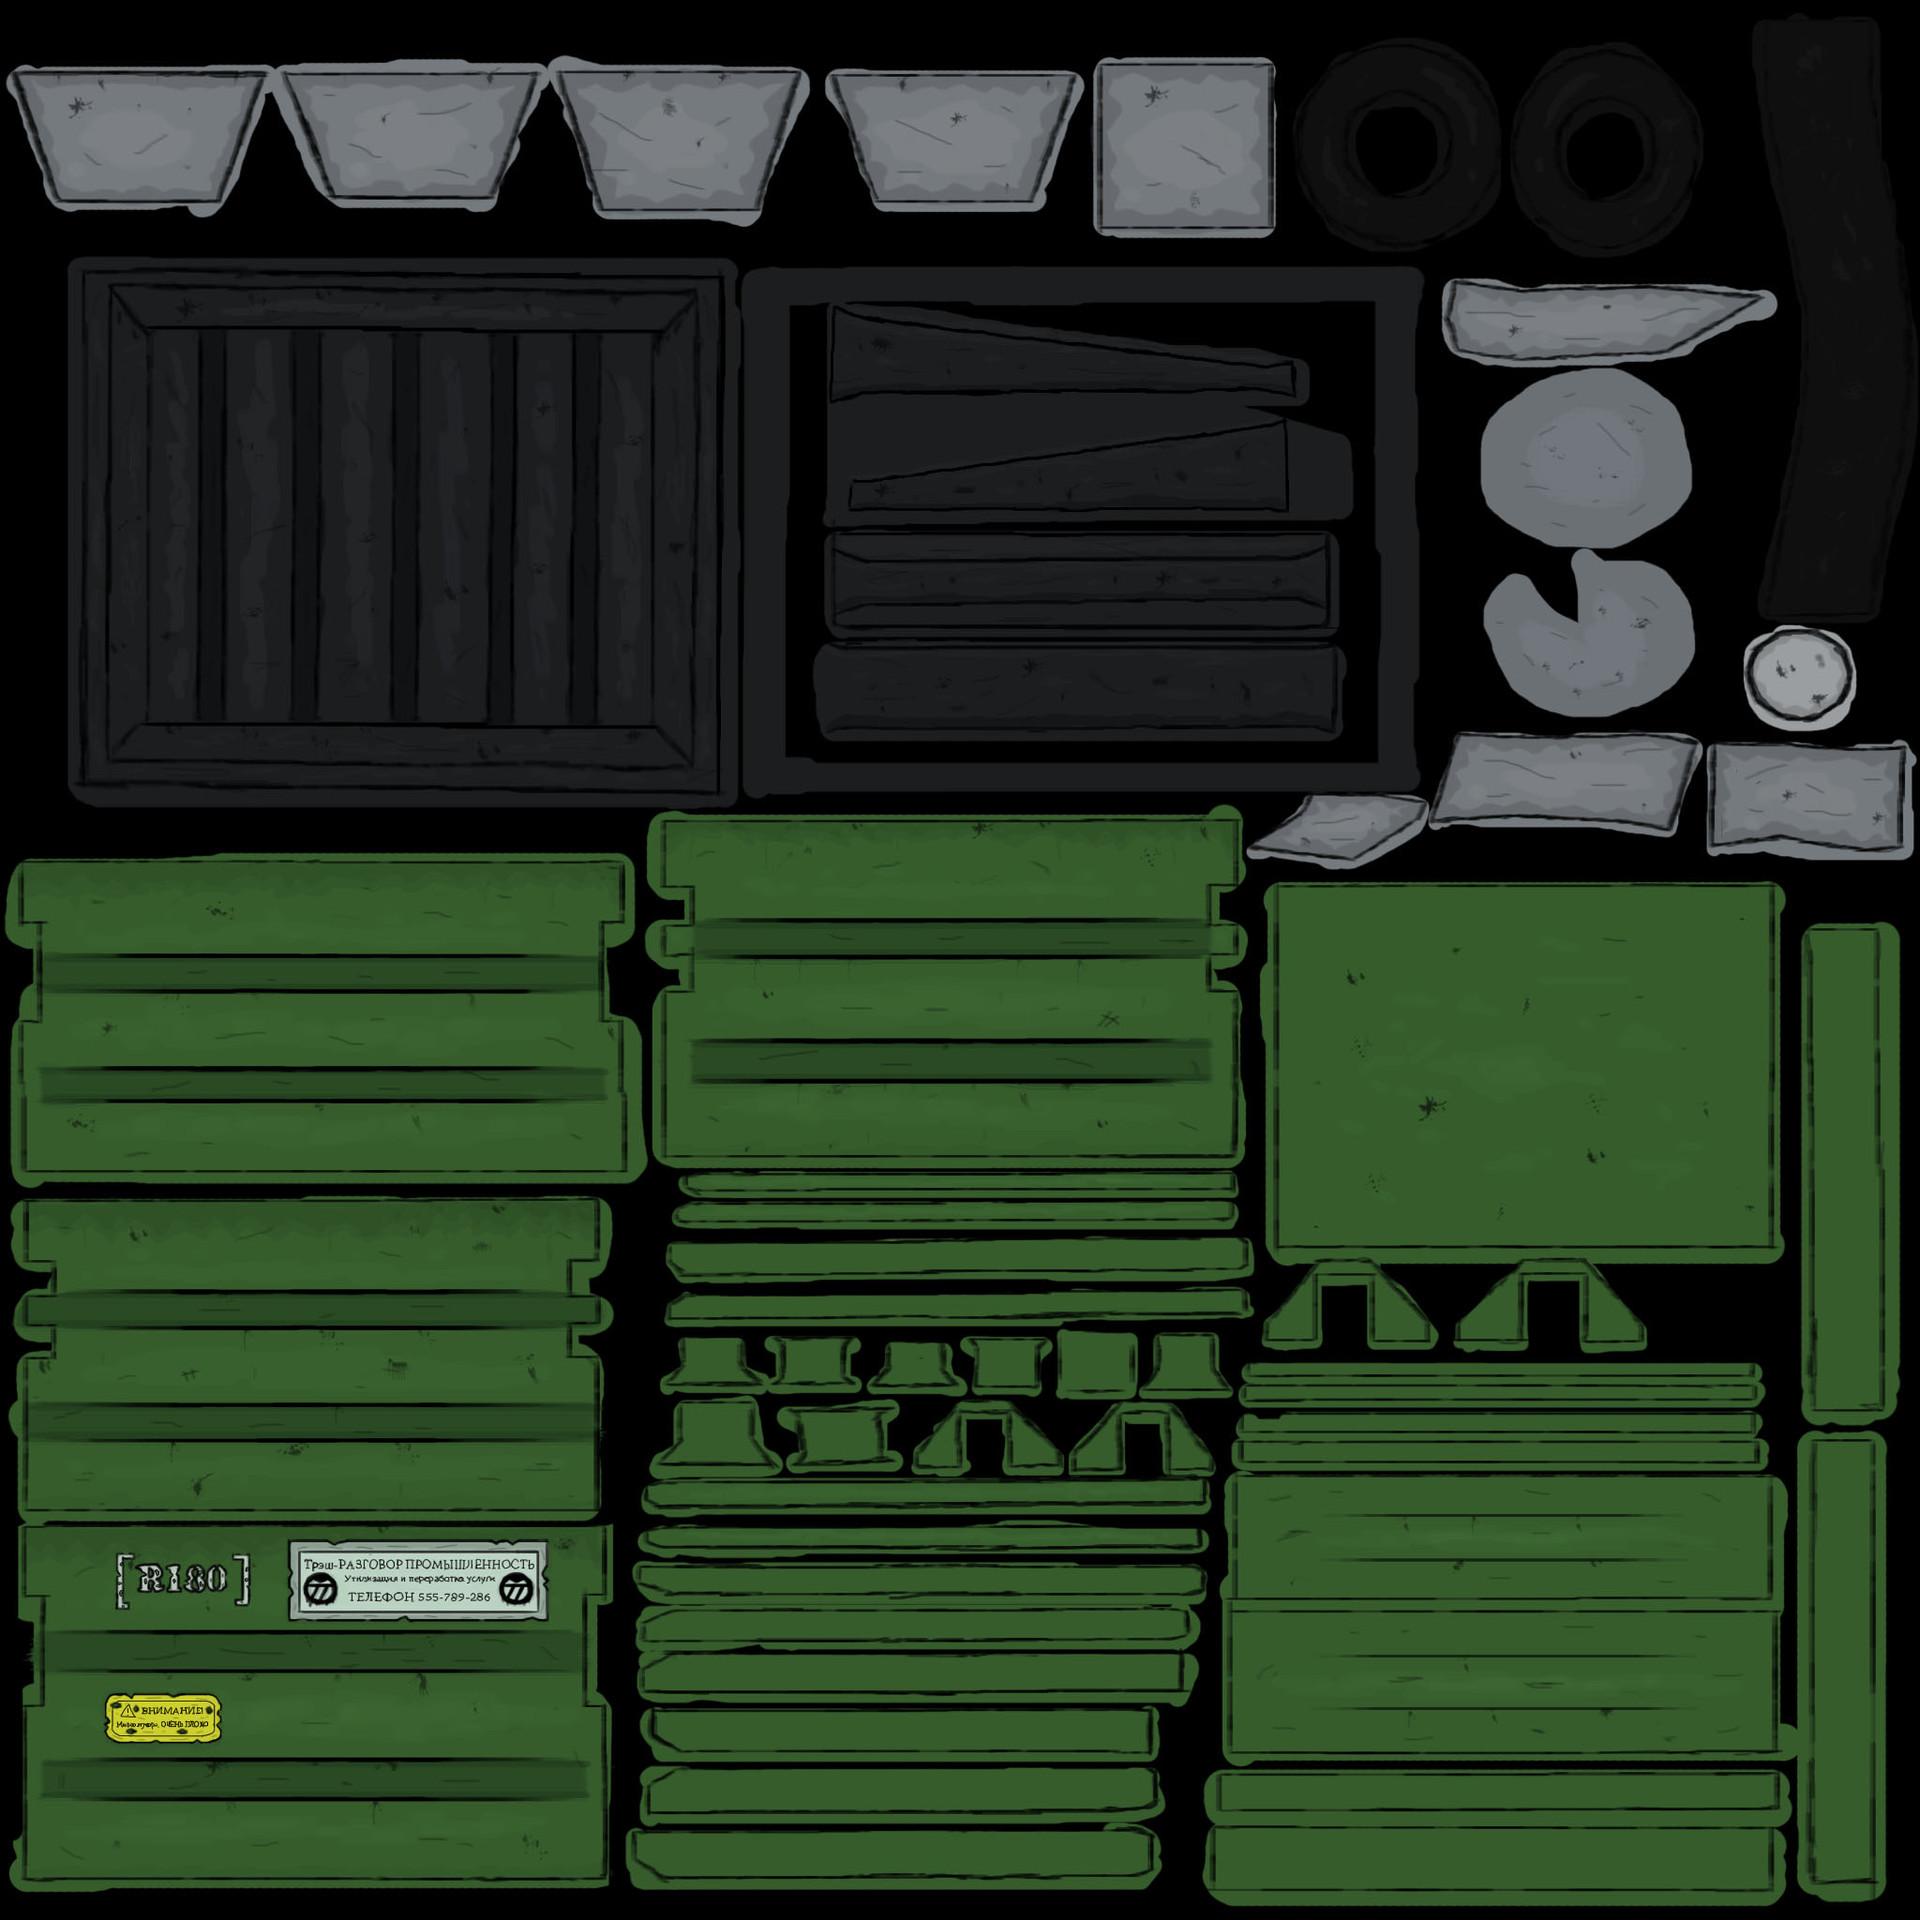 James skinner dumpster texture2